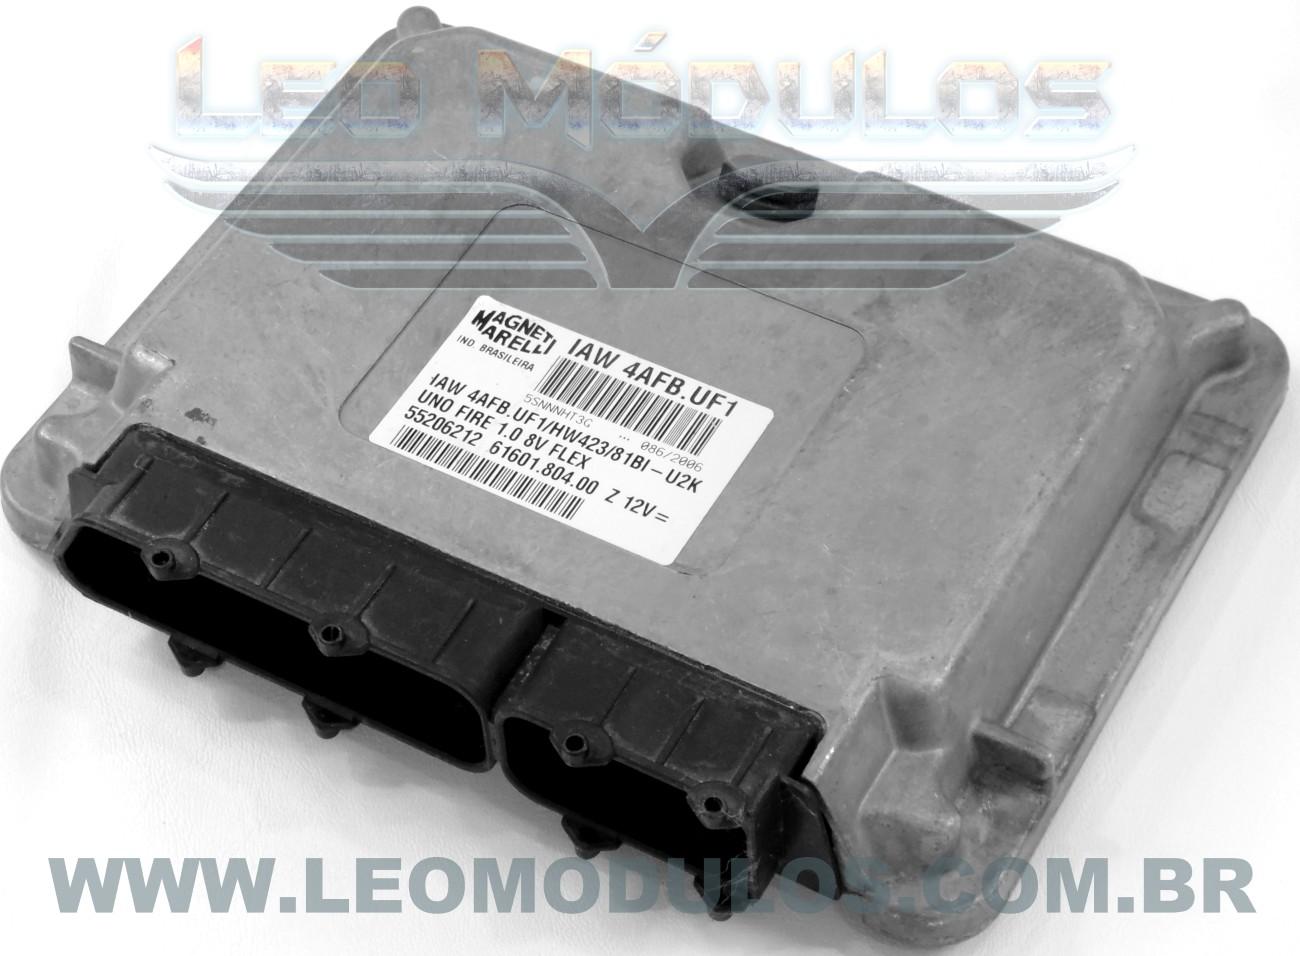 Módulo de injeção marelli - IAW 4AFB.UF1 - 55206212 - Fiat Uno Fire 1.0 8V Flex - 61601.804.00 IAW 4AFBUF1 - Leo Módulos